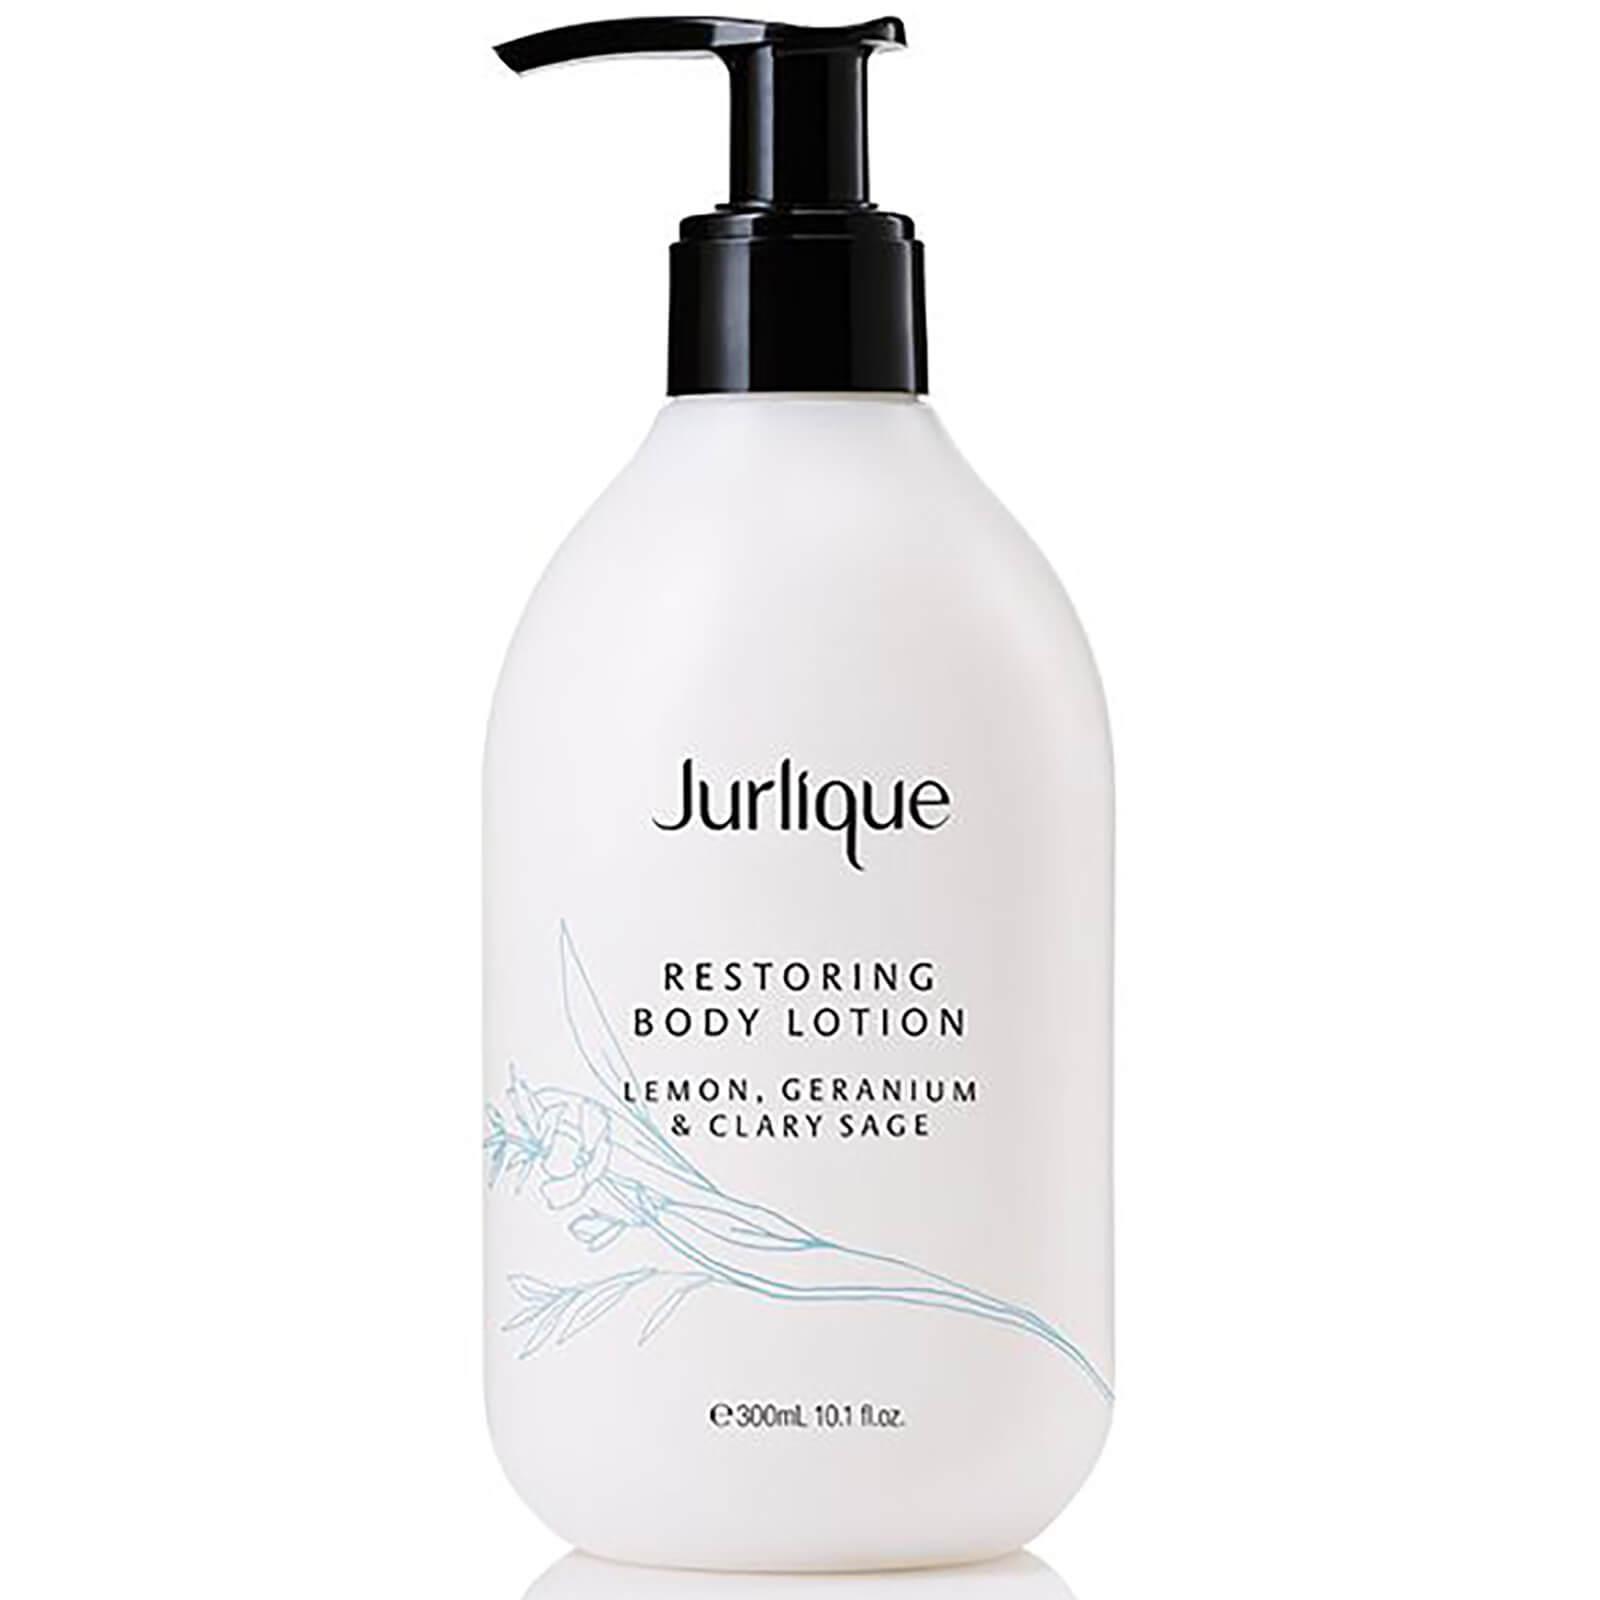 Купить Jurlique Restoring Body Lotion Lemon, Geranium and Clary Sage 300ml